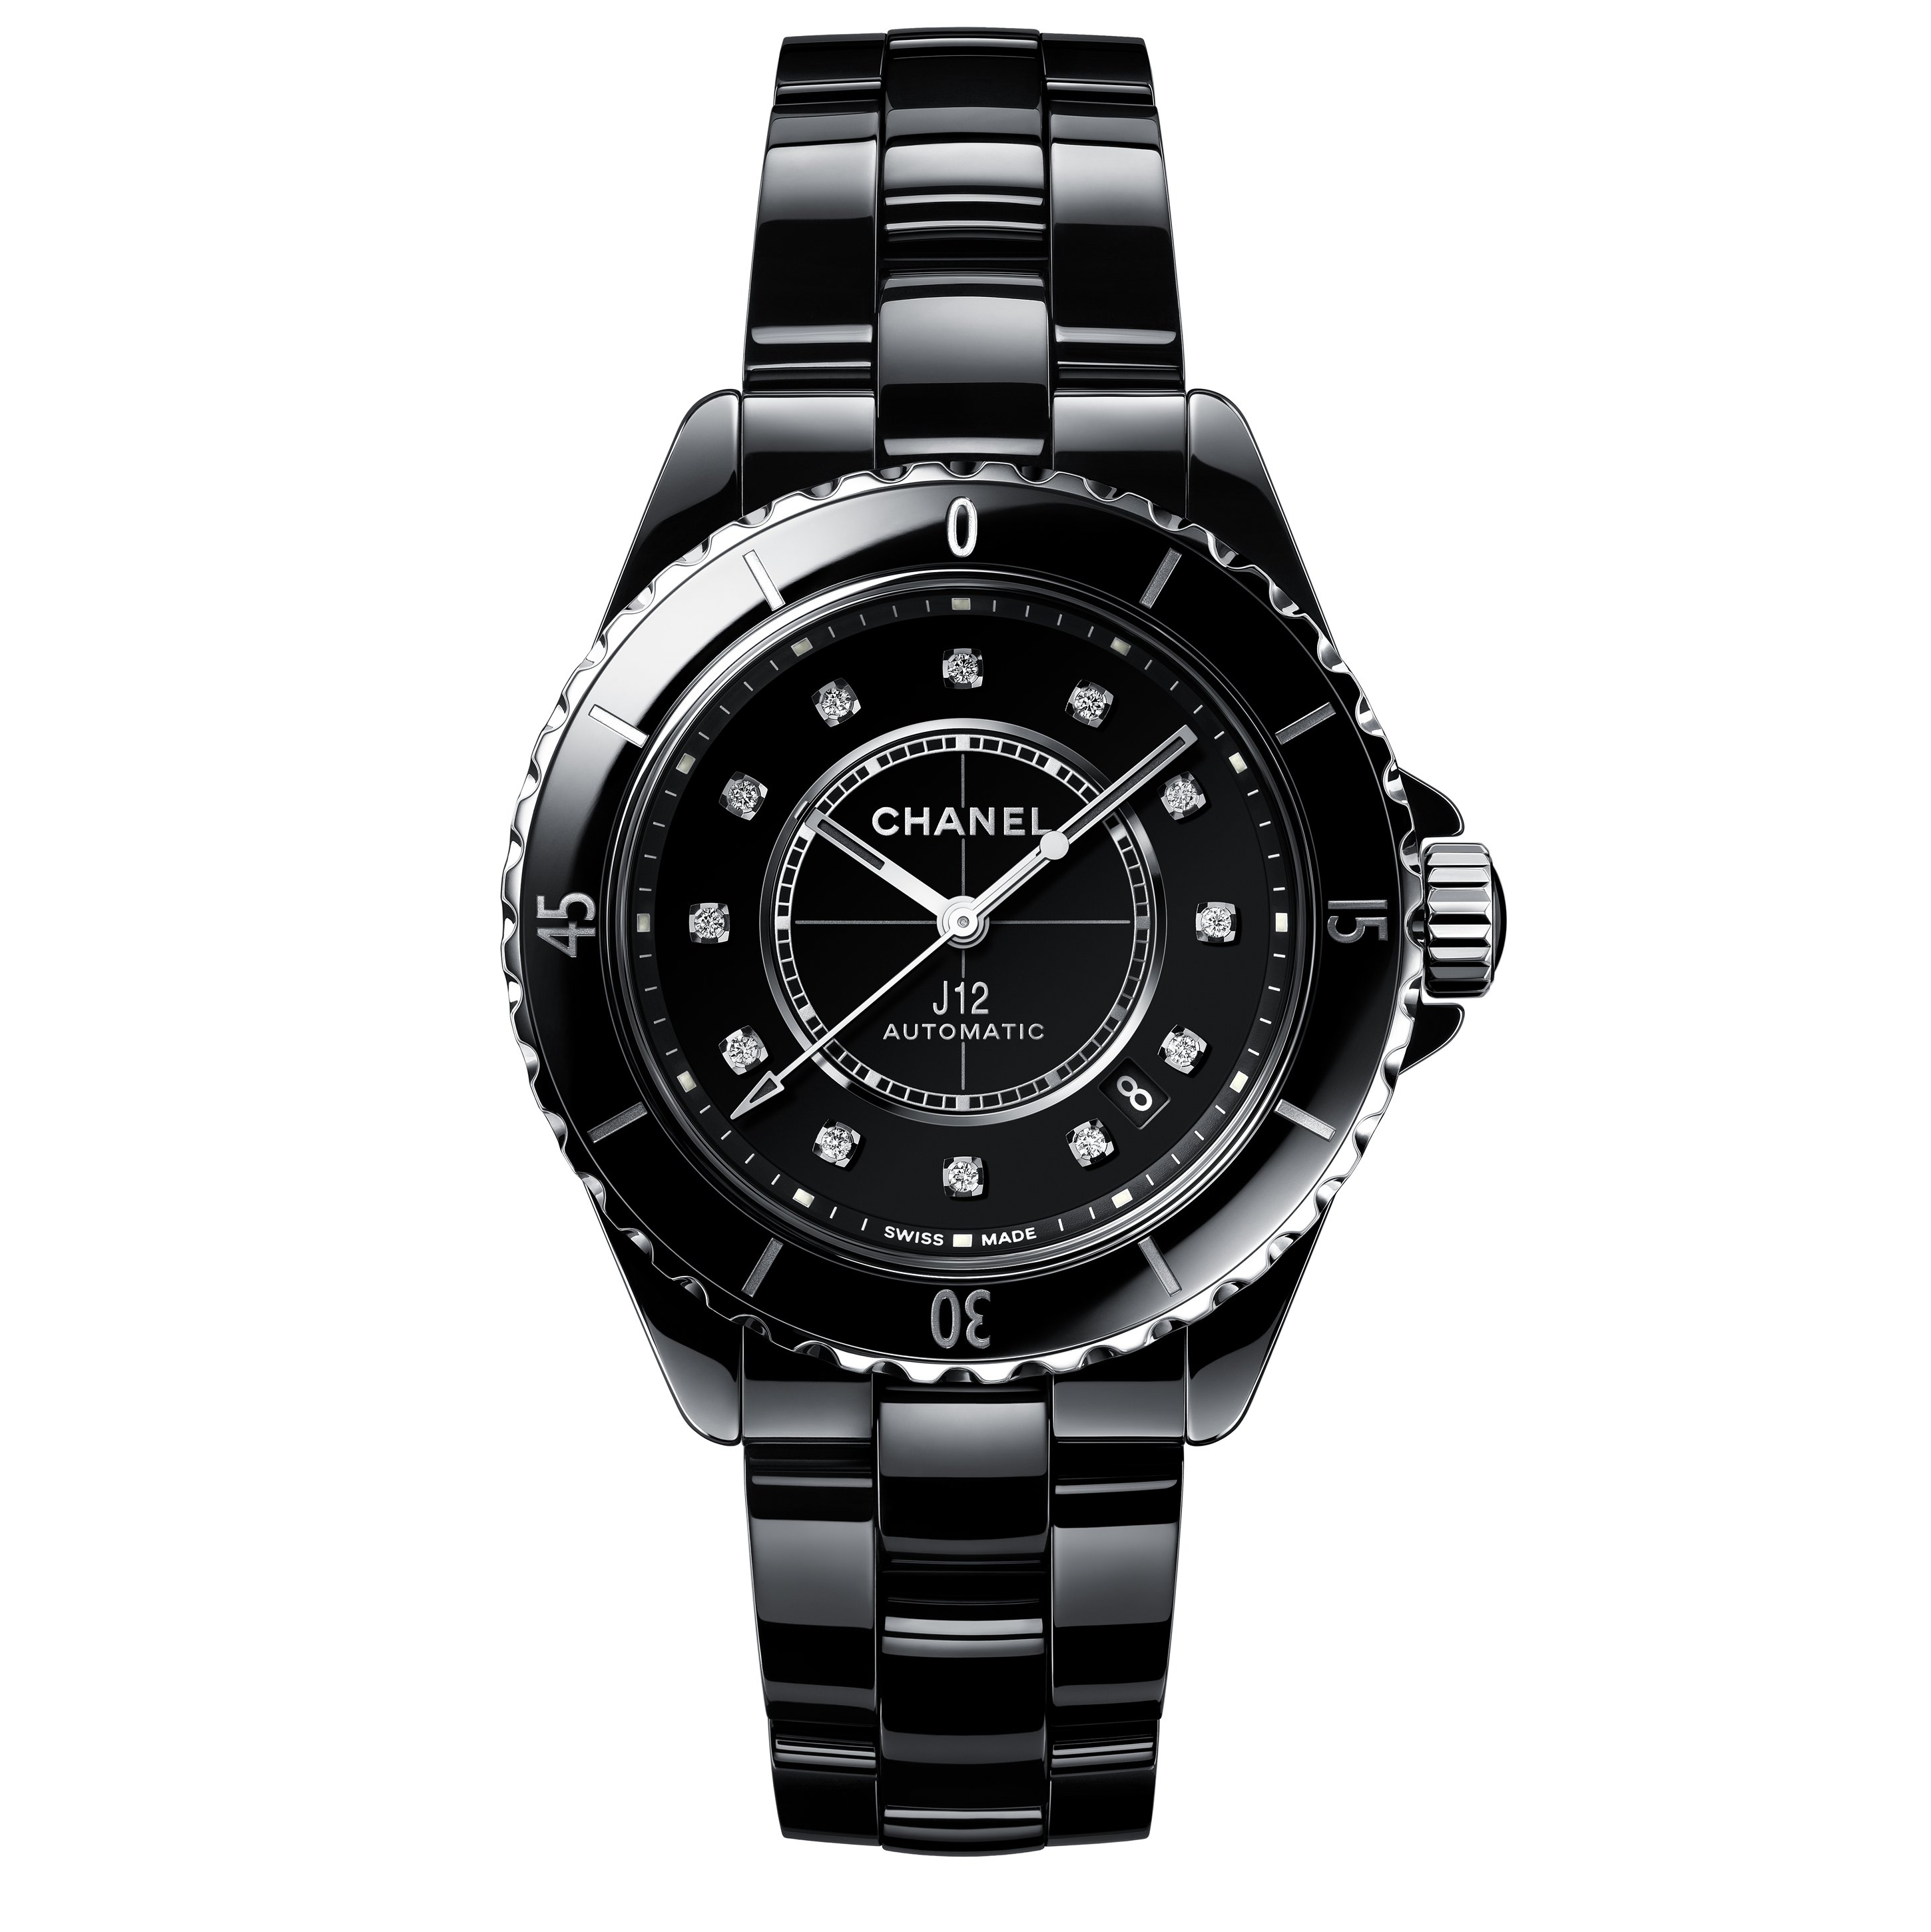 <p>永恆經典─CHANEL 全新 J12 腕錶系列</p>